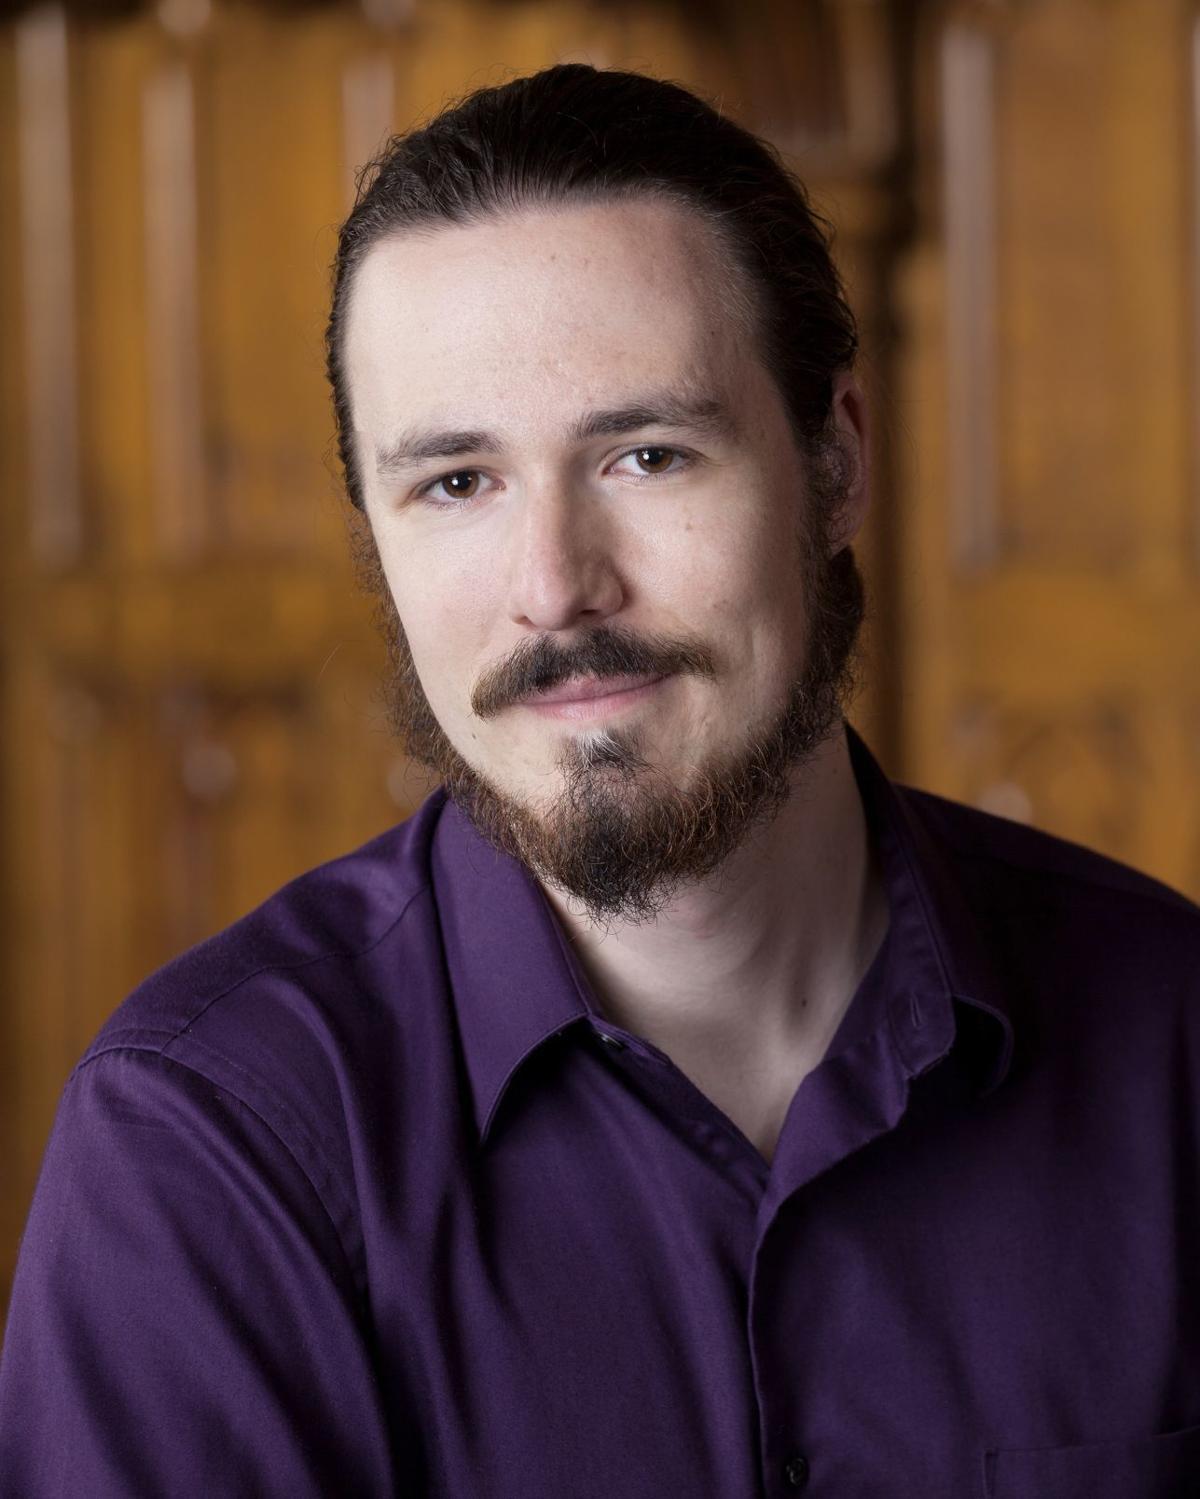 Daniel Fridley